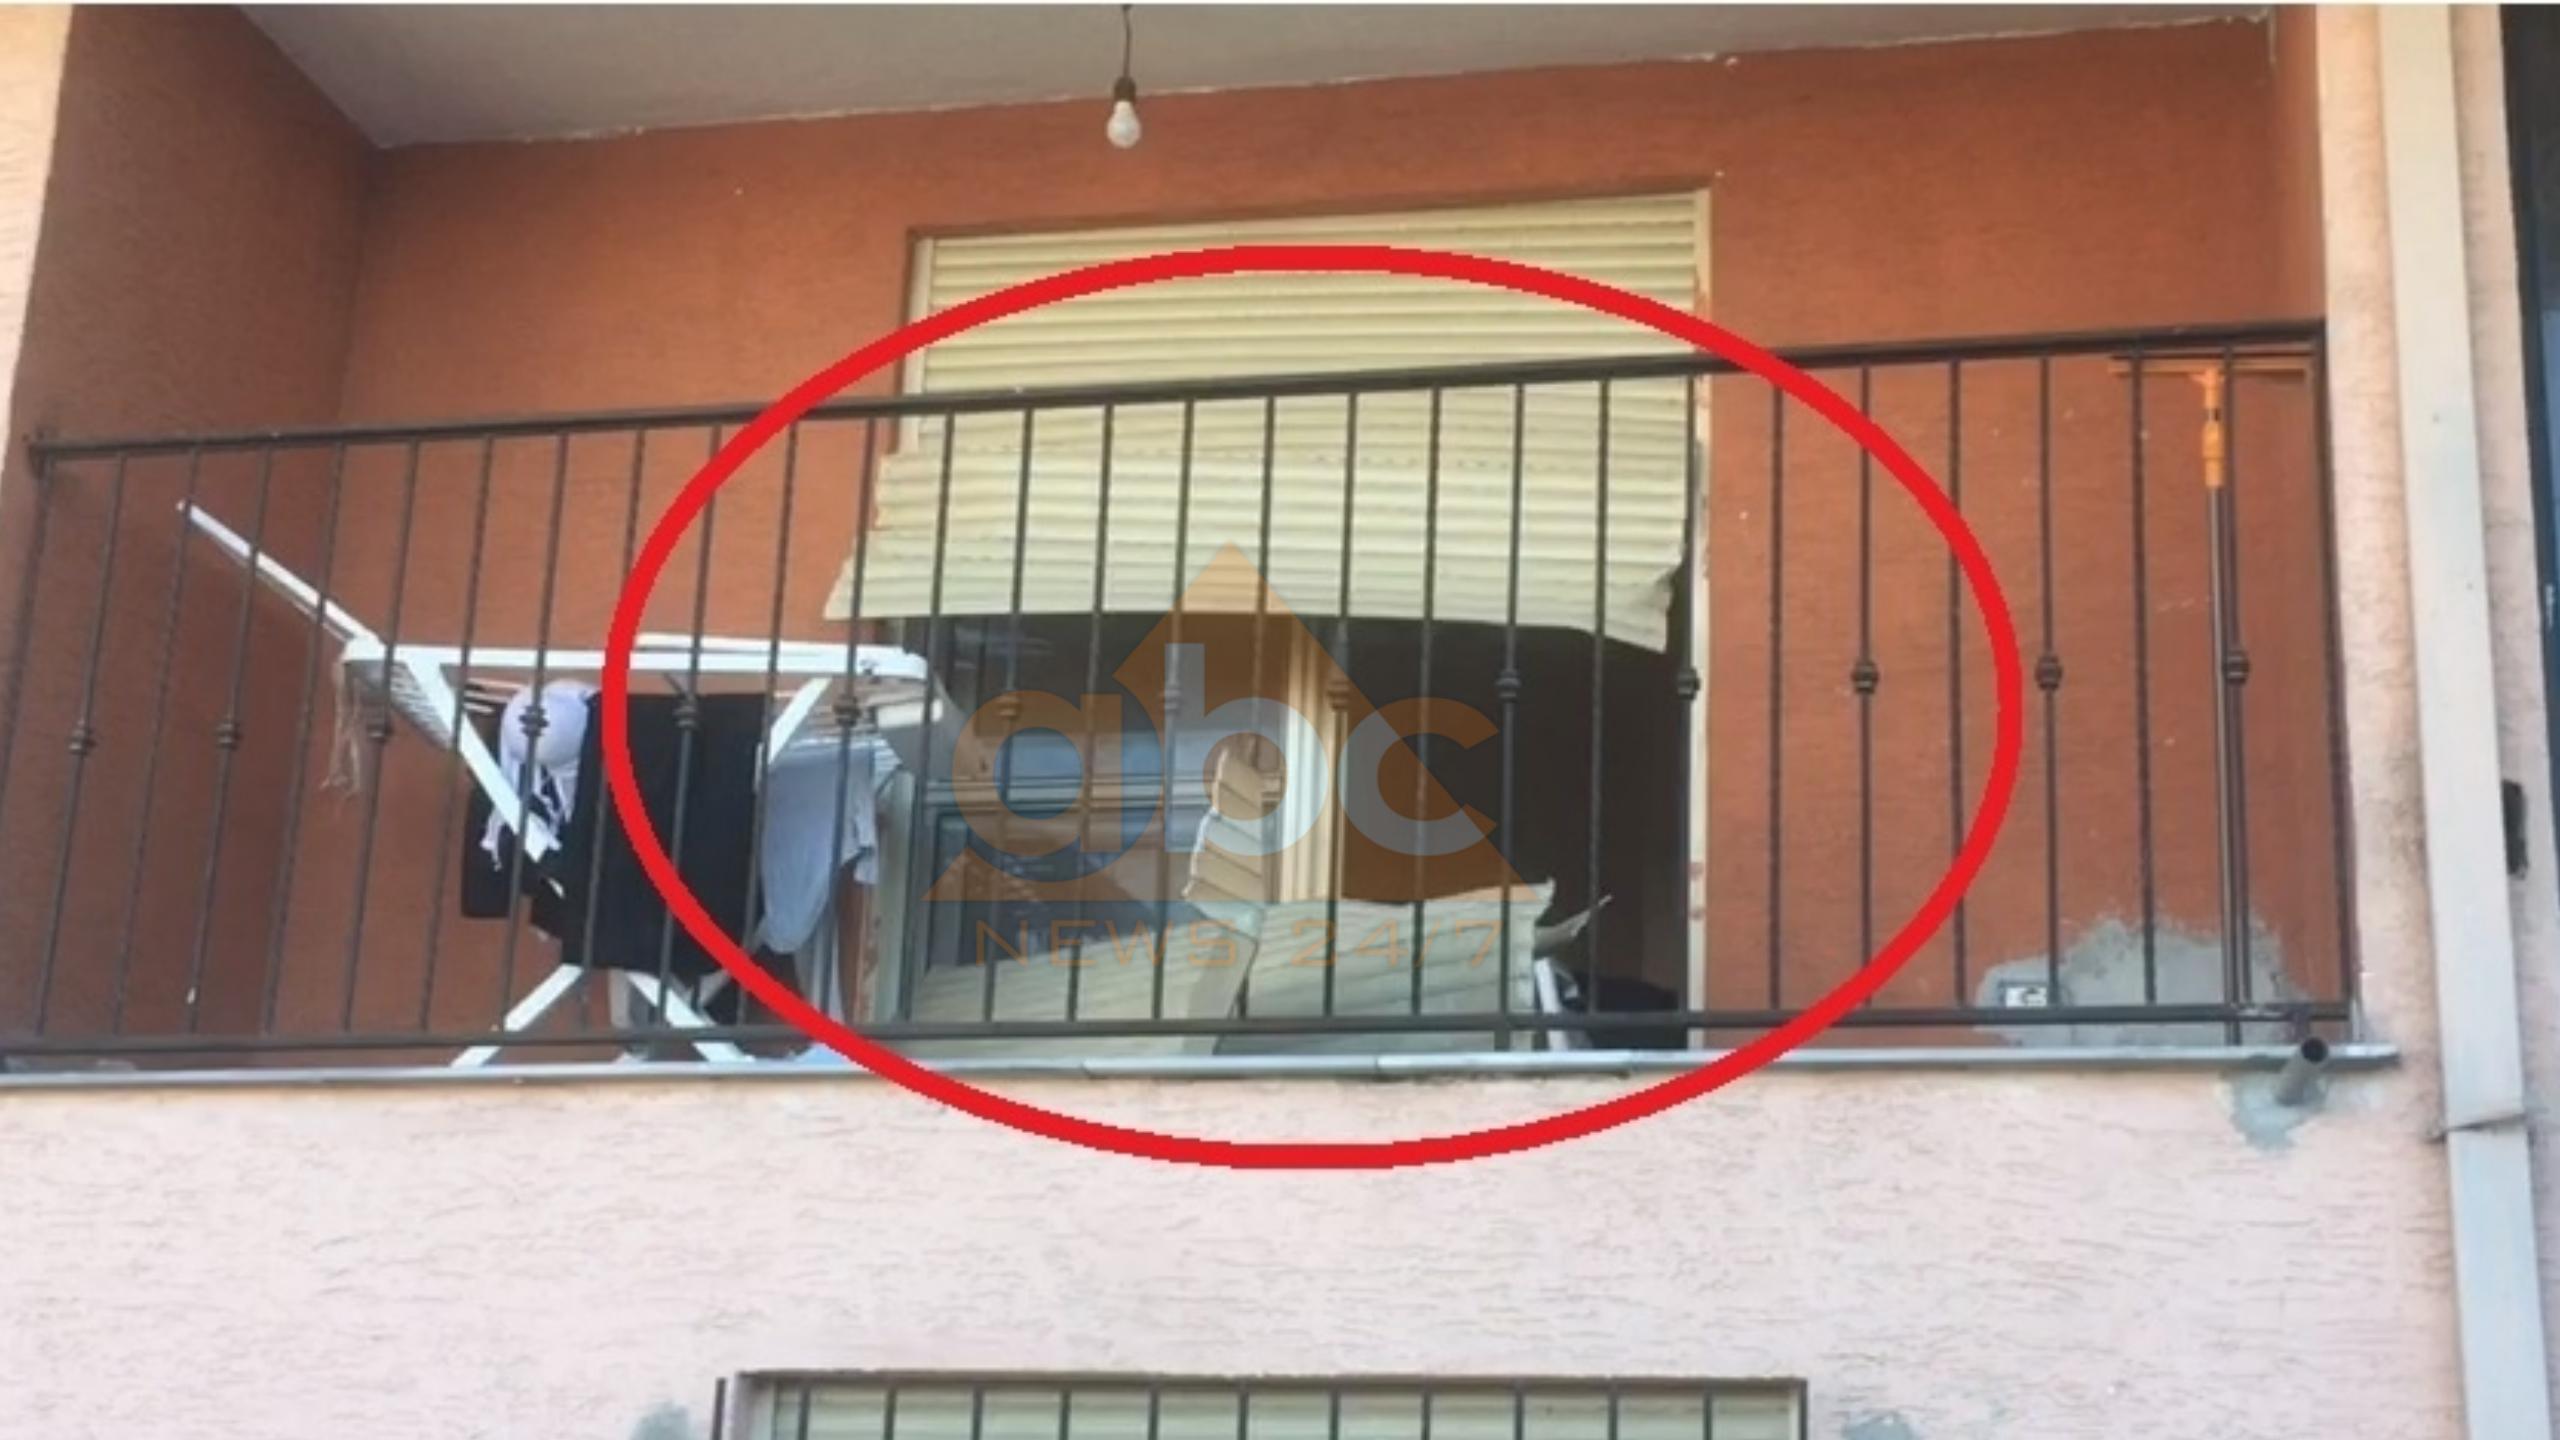 U përplasën për një lidhje intime: Viktima shqeu grilën e ballkonit, ardhja e policit bëri të kriste arma